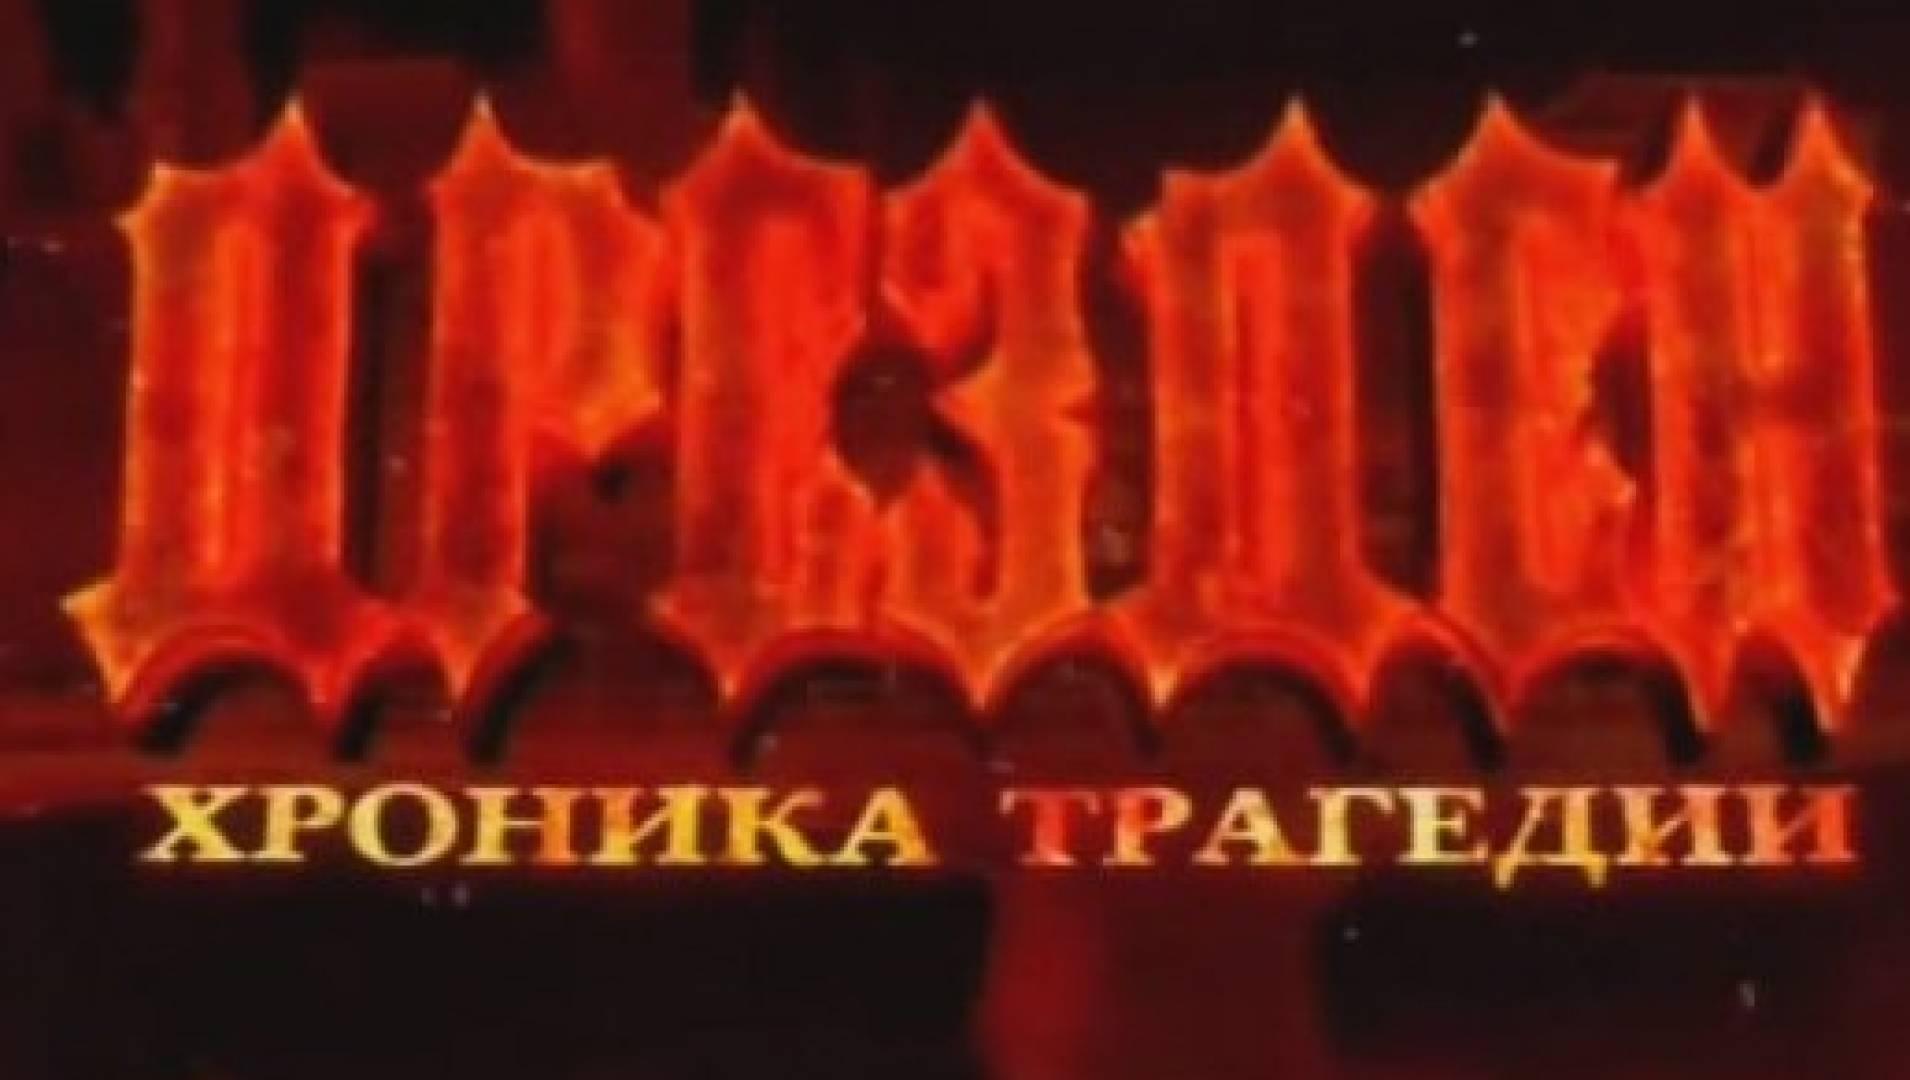 Дрезден - Документальный фильм